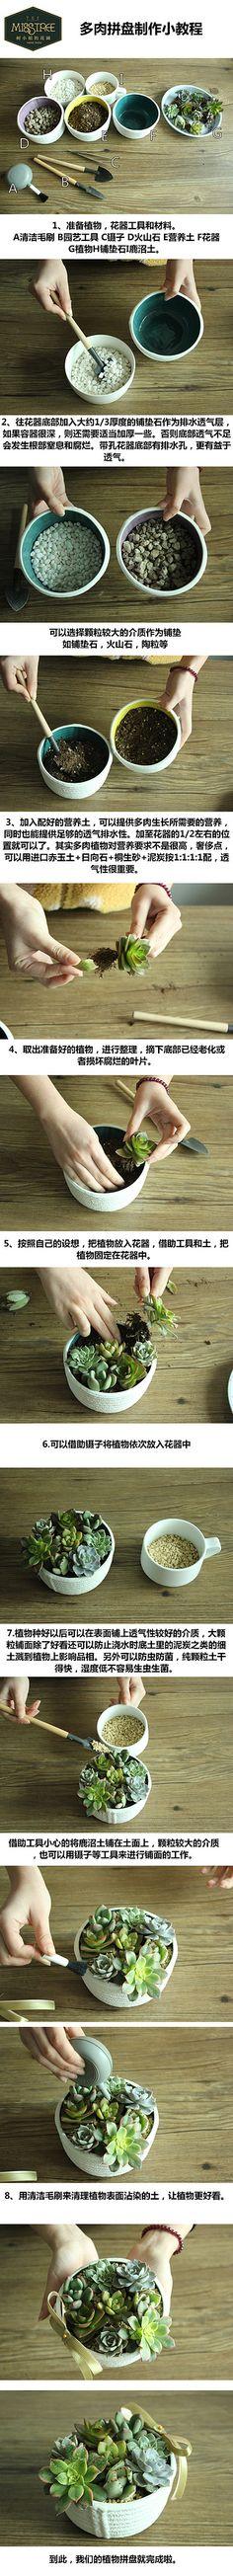 胤妆采集到【植物·培育】